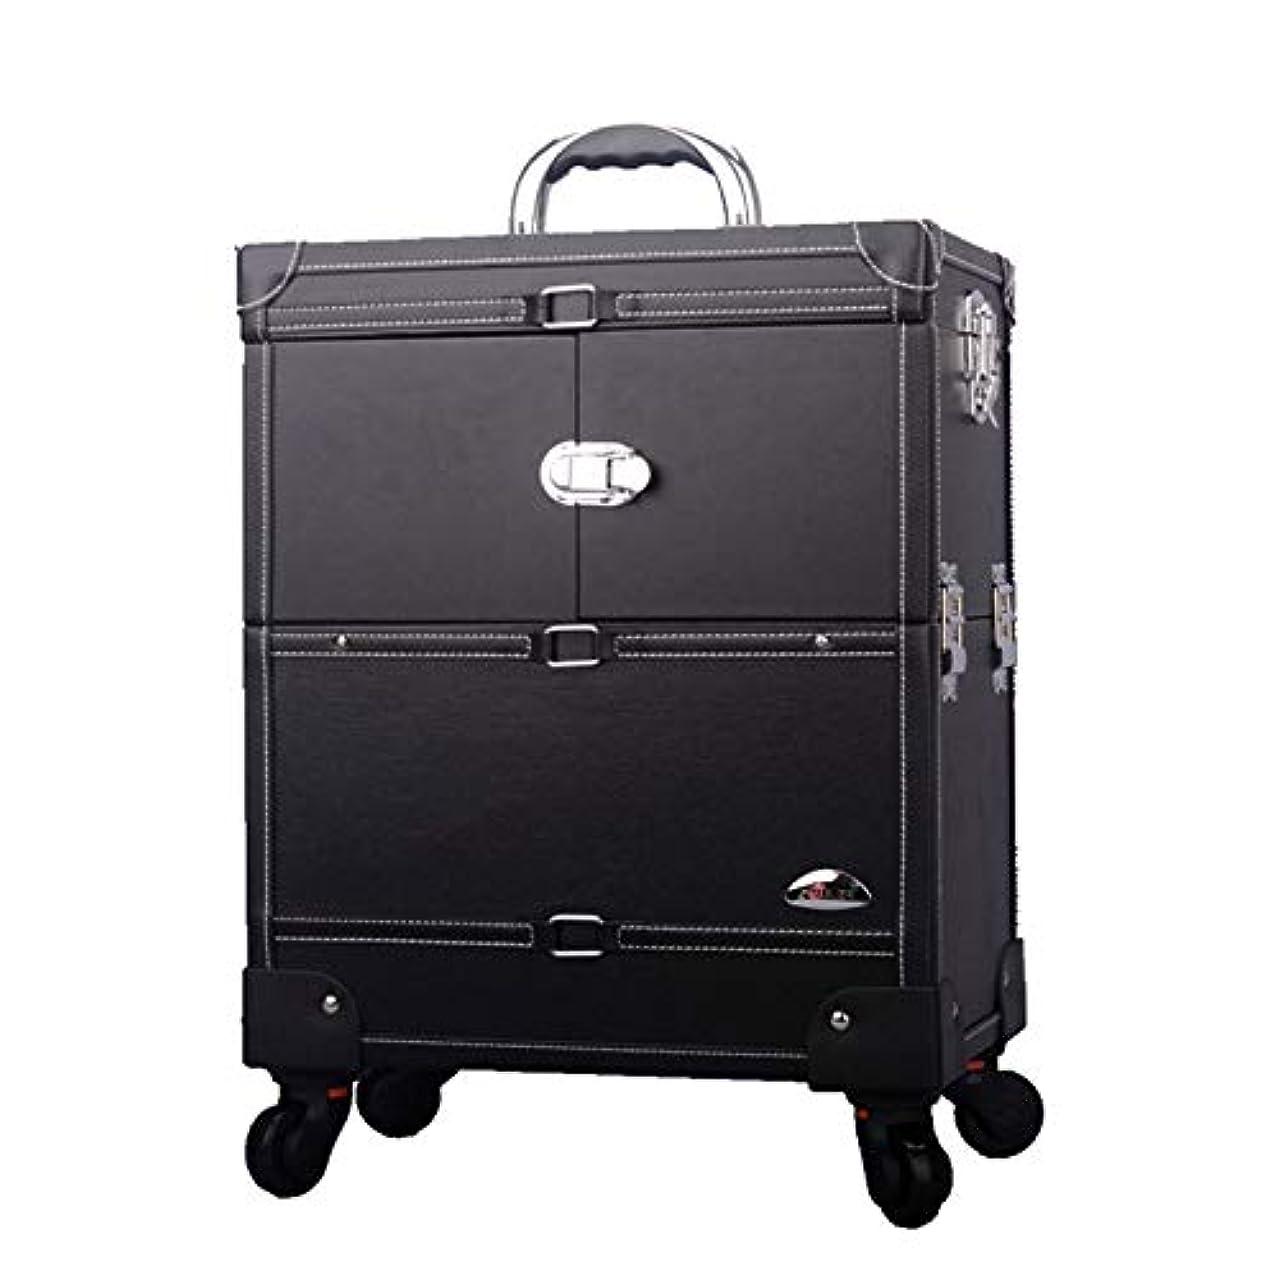 裁判官メダル一目プロ専用 美容師 クローゼット スーツケース メイクボックス キャリーバッグ ヘアメイク プロ 大容量 軽量 高品質 多機能 I-JL-3623T-B-T